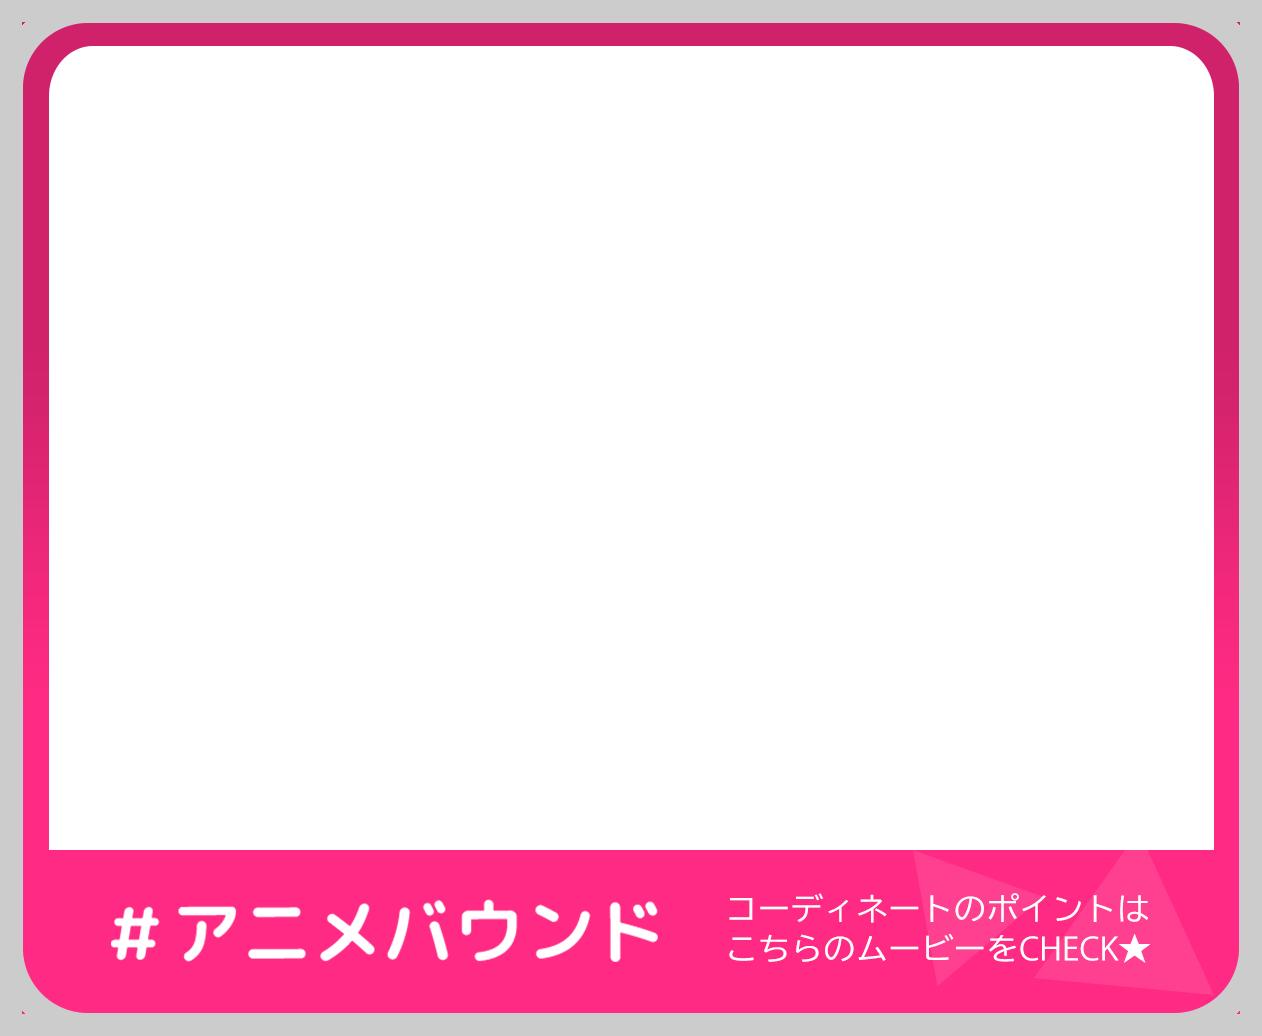 あんさんぶるスターズ!』のアニメバウンドに挑戦!